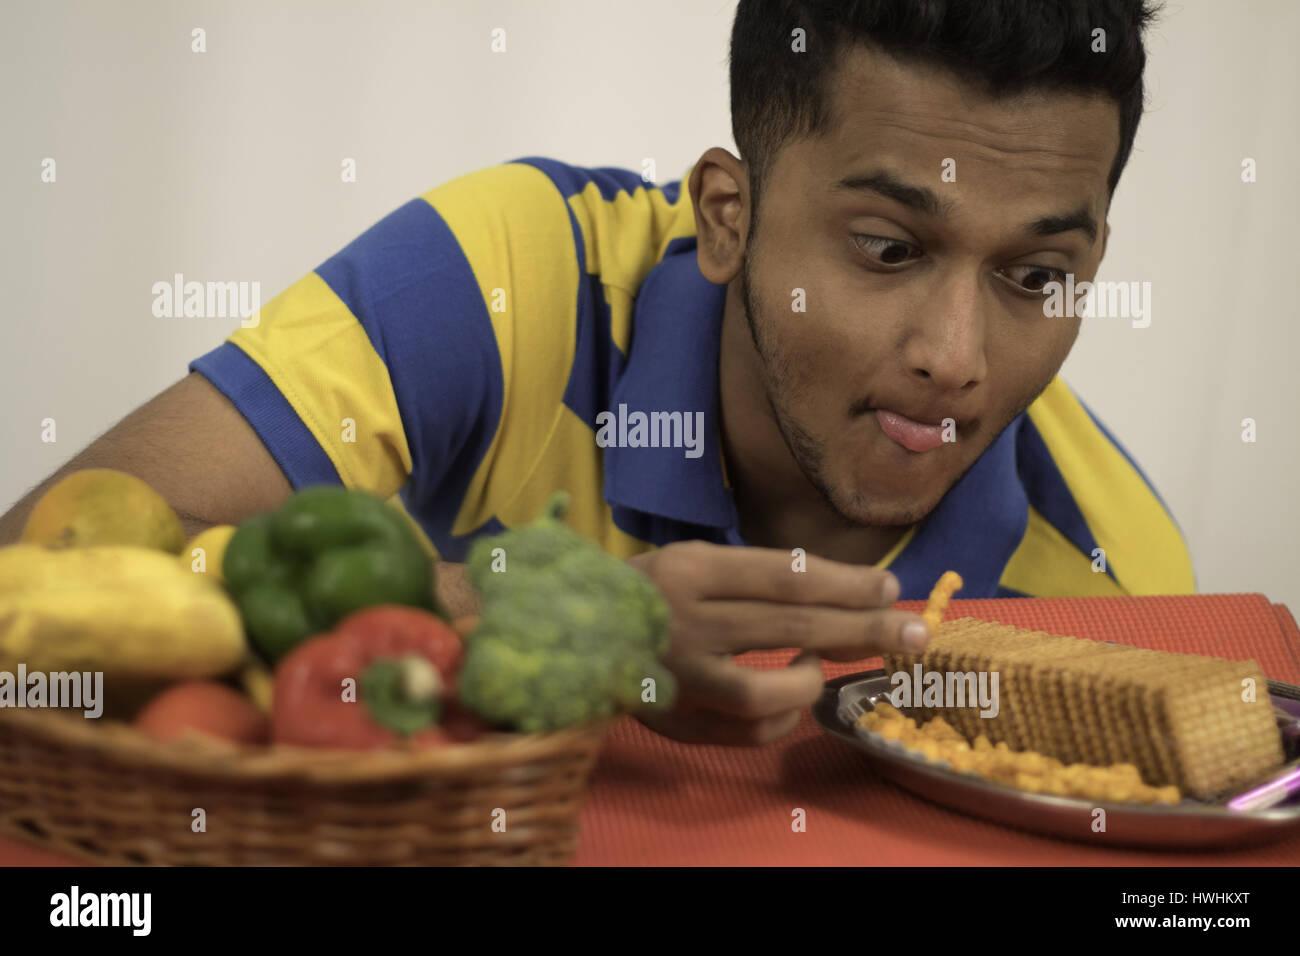 Mann, die Begierde der süß salzig ungesunde Lebensmittel über das gesunde Obst und Gemüse Korb Stockbild